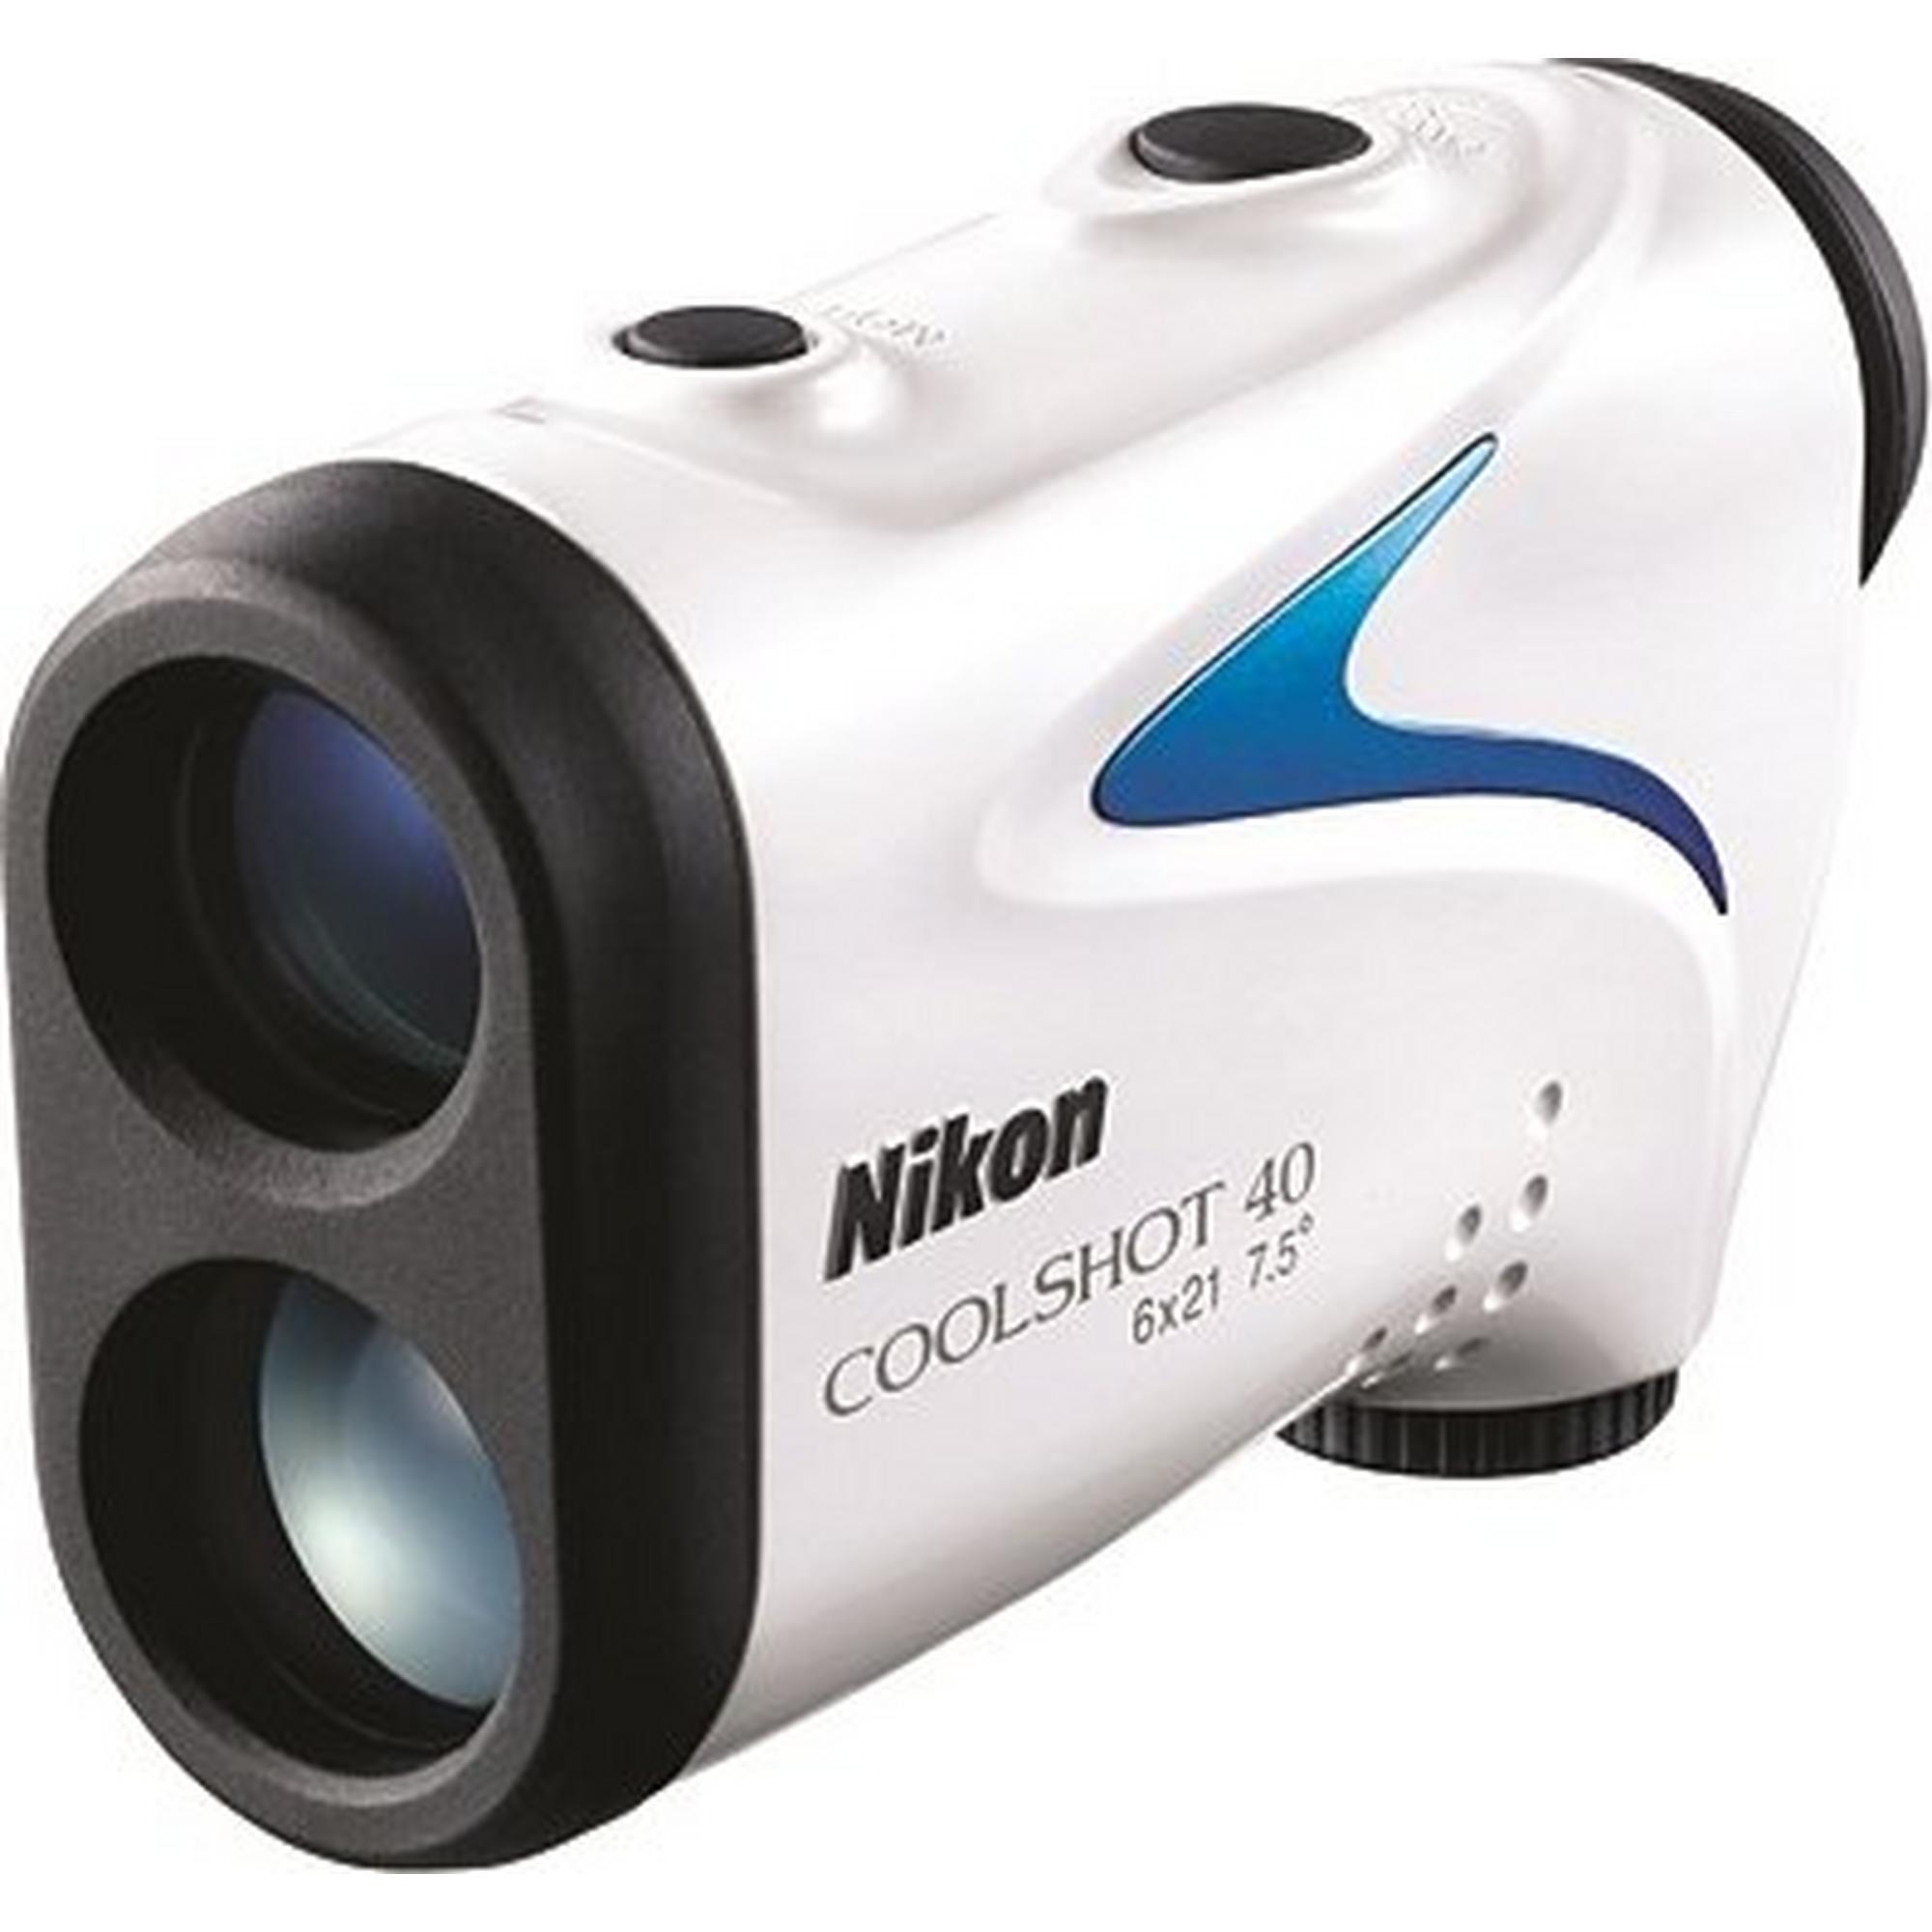 Coolshot 40 Rangefinder